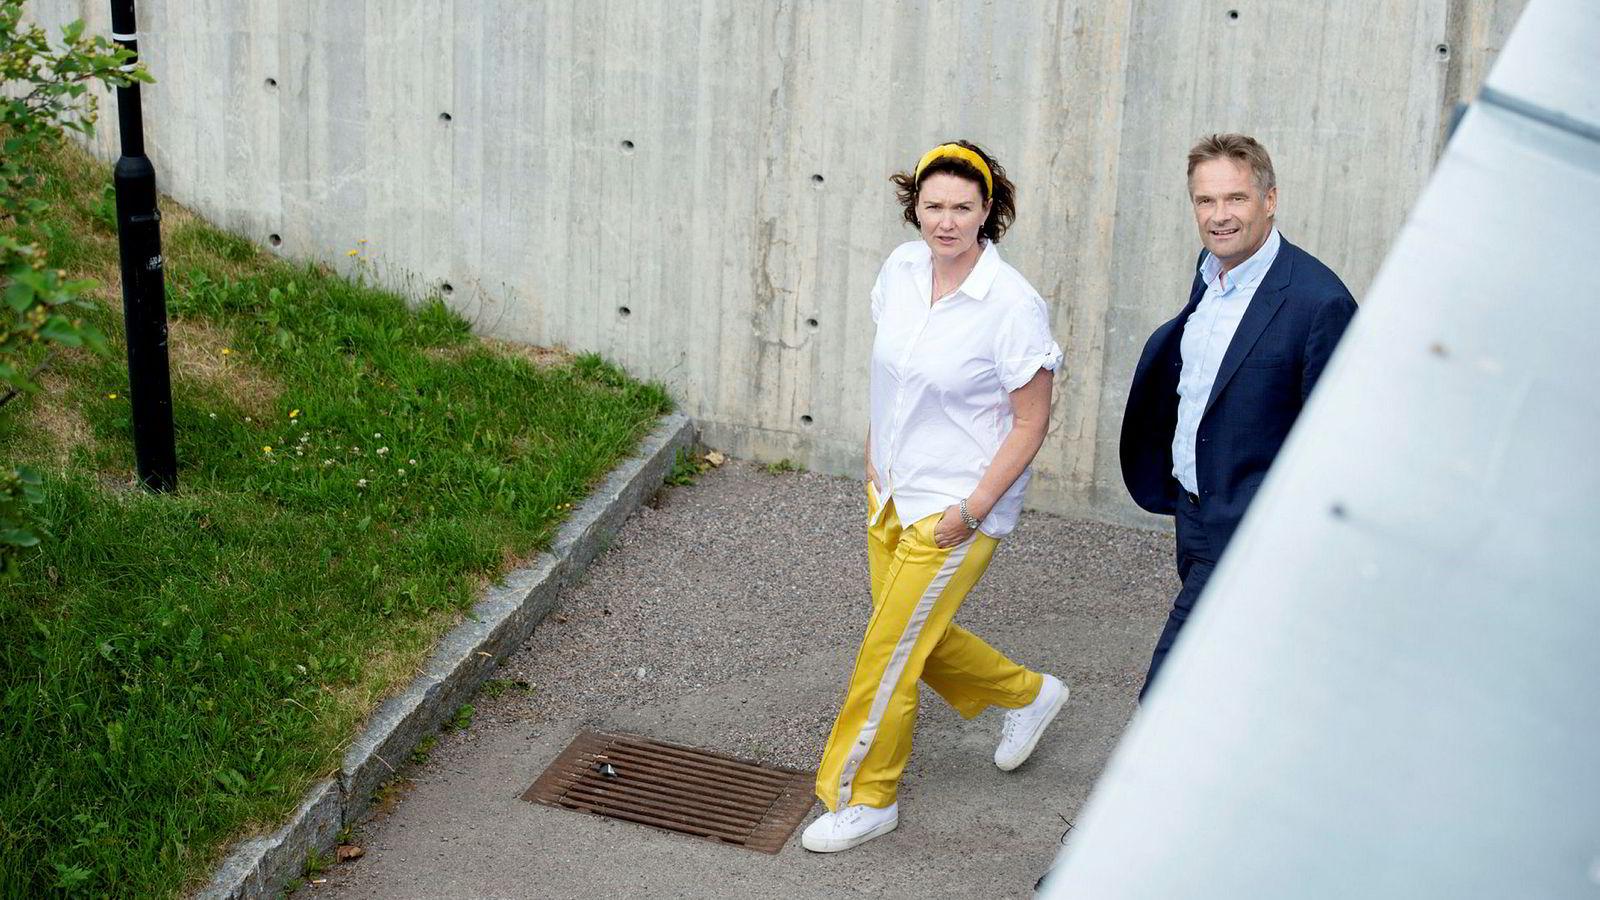 – Av syv mellomledere som direkte rapporterer til meg er fem kvinner, sier Kjersti Jamne, leder for privatmarkedet i Telia. Selv rapporterer hun til administrerende direktør Abraham Foss.